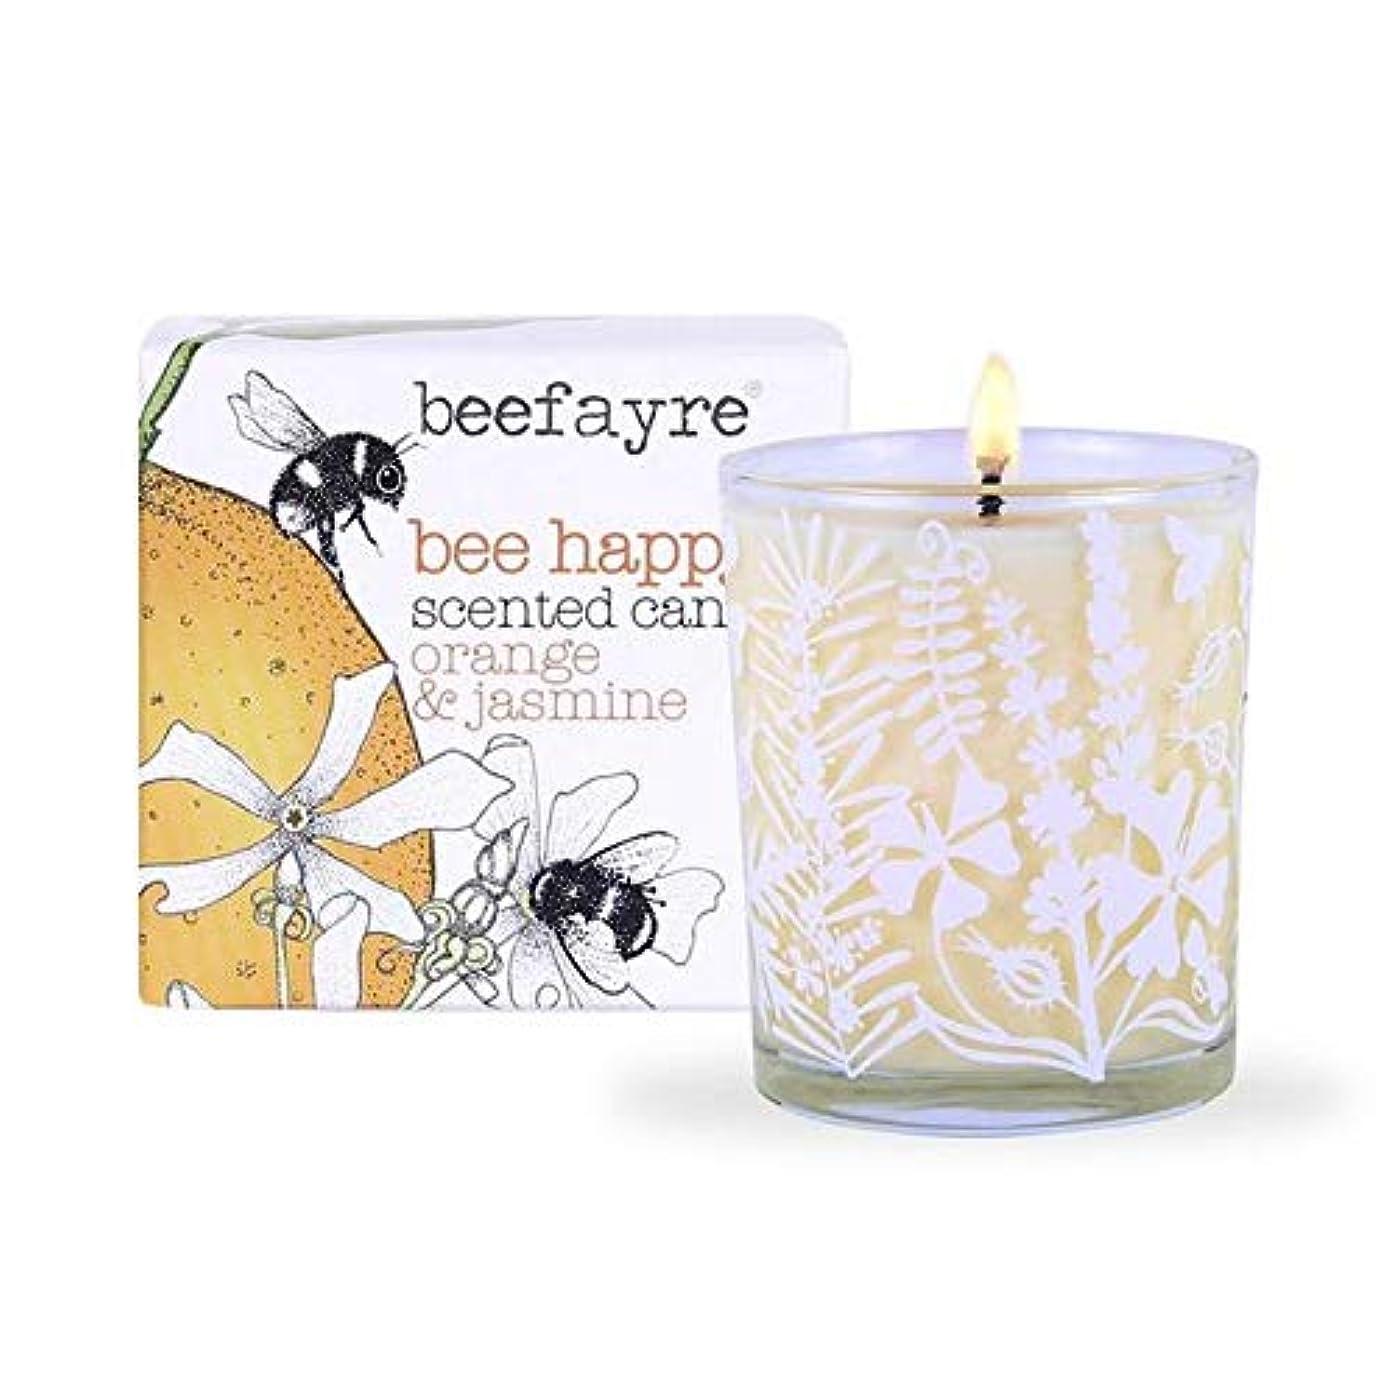 コンチネンタルしわ傾向があります[Beefayre] オレンジ&ジャスミンの香りのキャンドル9Cl Beefayre - Beefayre Orange & Jasmine Scented Candle 9cl [並行輸入品]